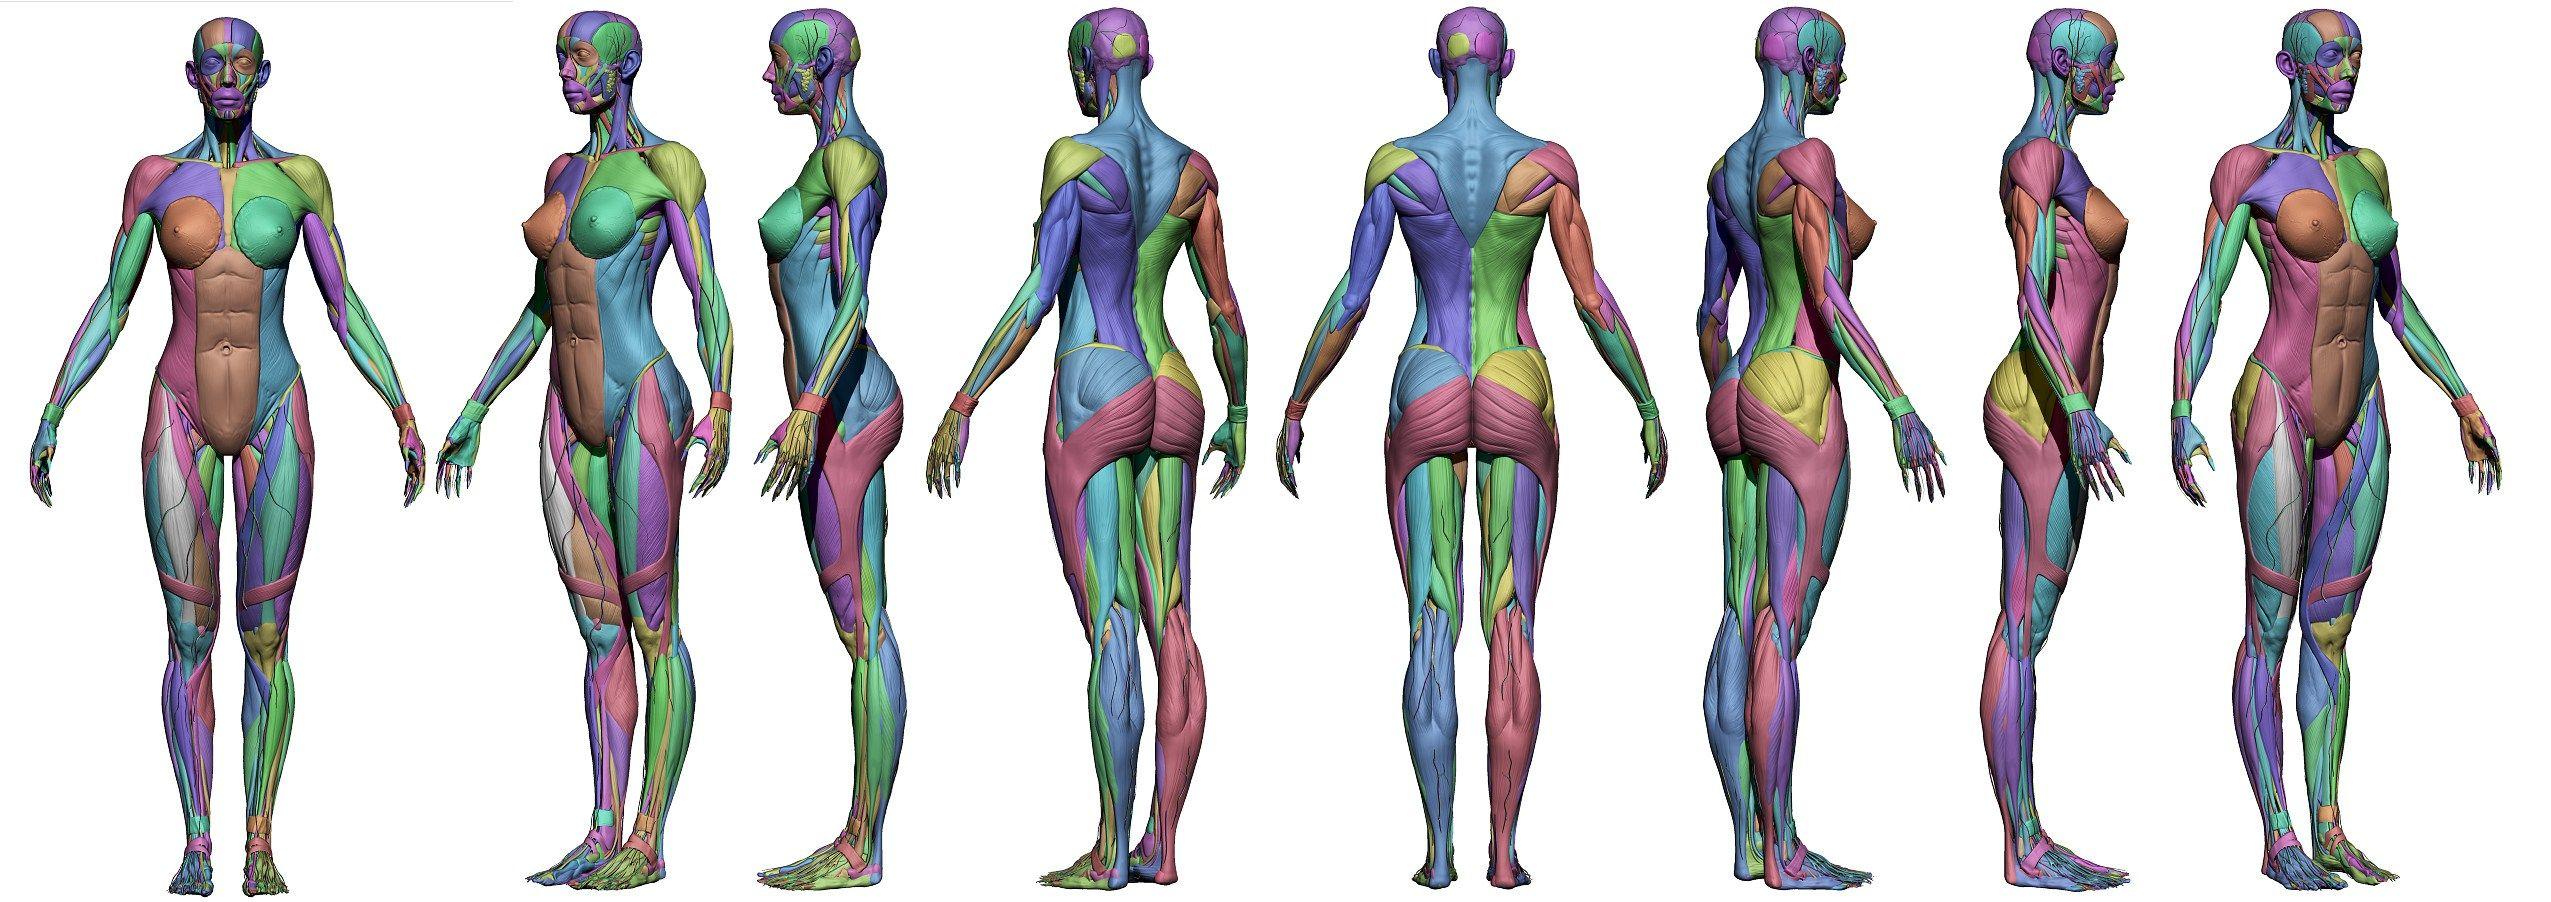 Female muscle anatomy | Anatomy Study (human) | Pinterest